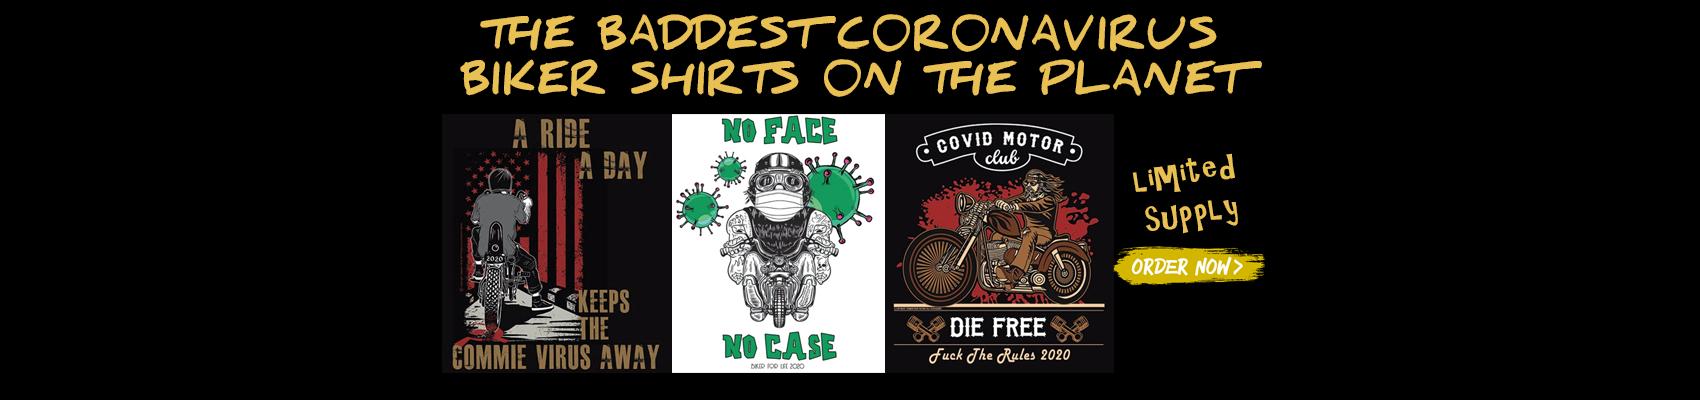 Coronavirus Biker Shirts